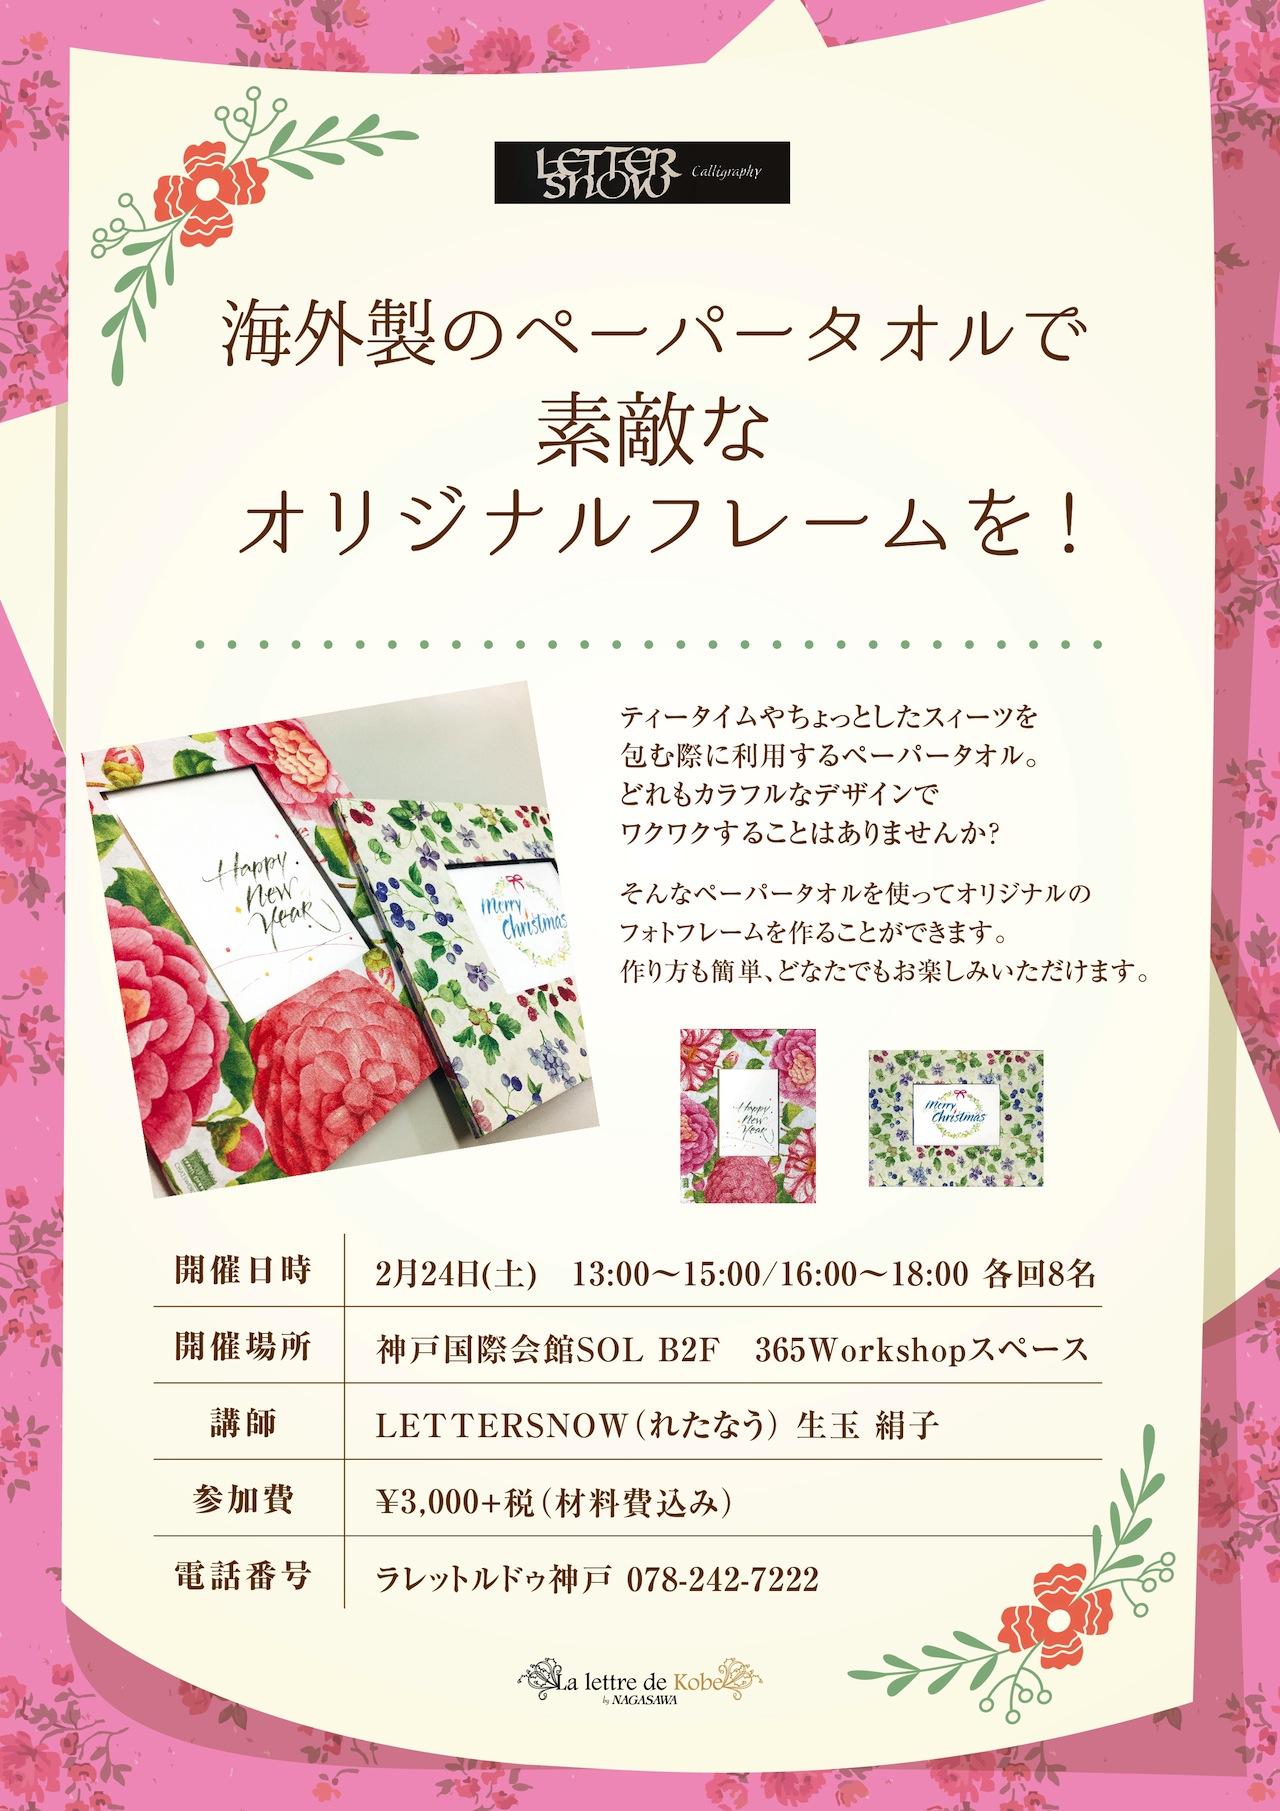 海外製のペーパータオルで素敵な『オリジナルフレーム』をつくりませんか? | 神戸国際会館B2F SOL 365workshopスペース